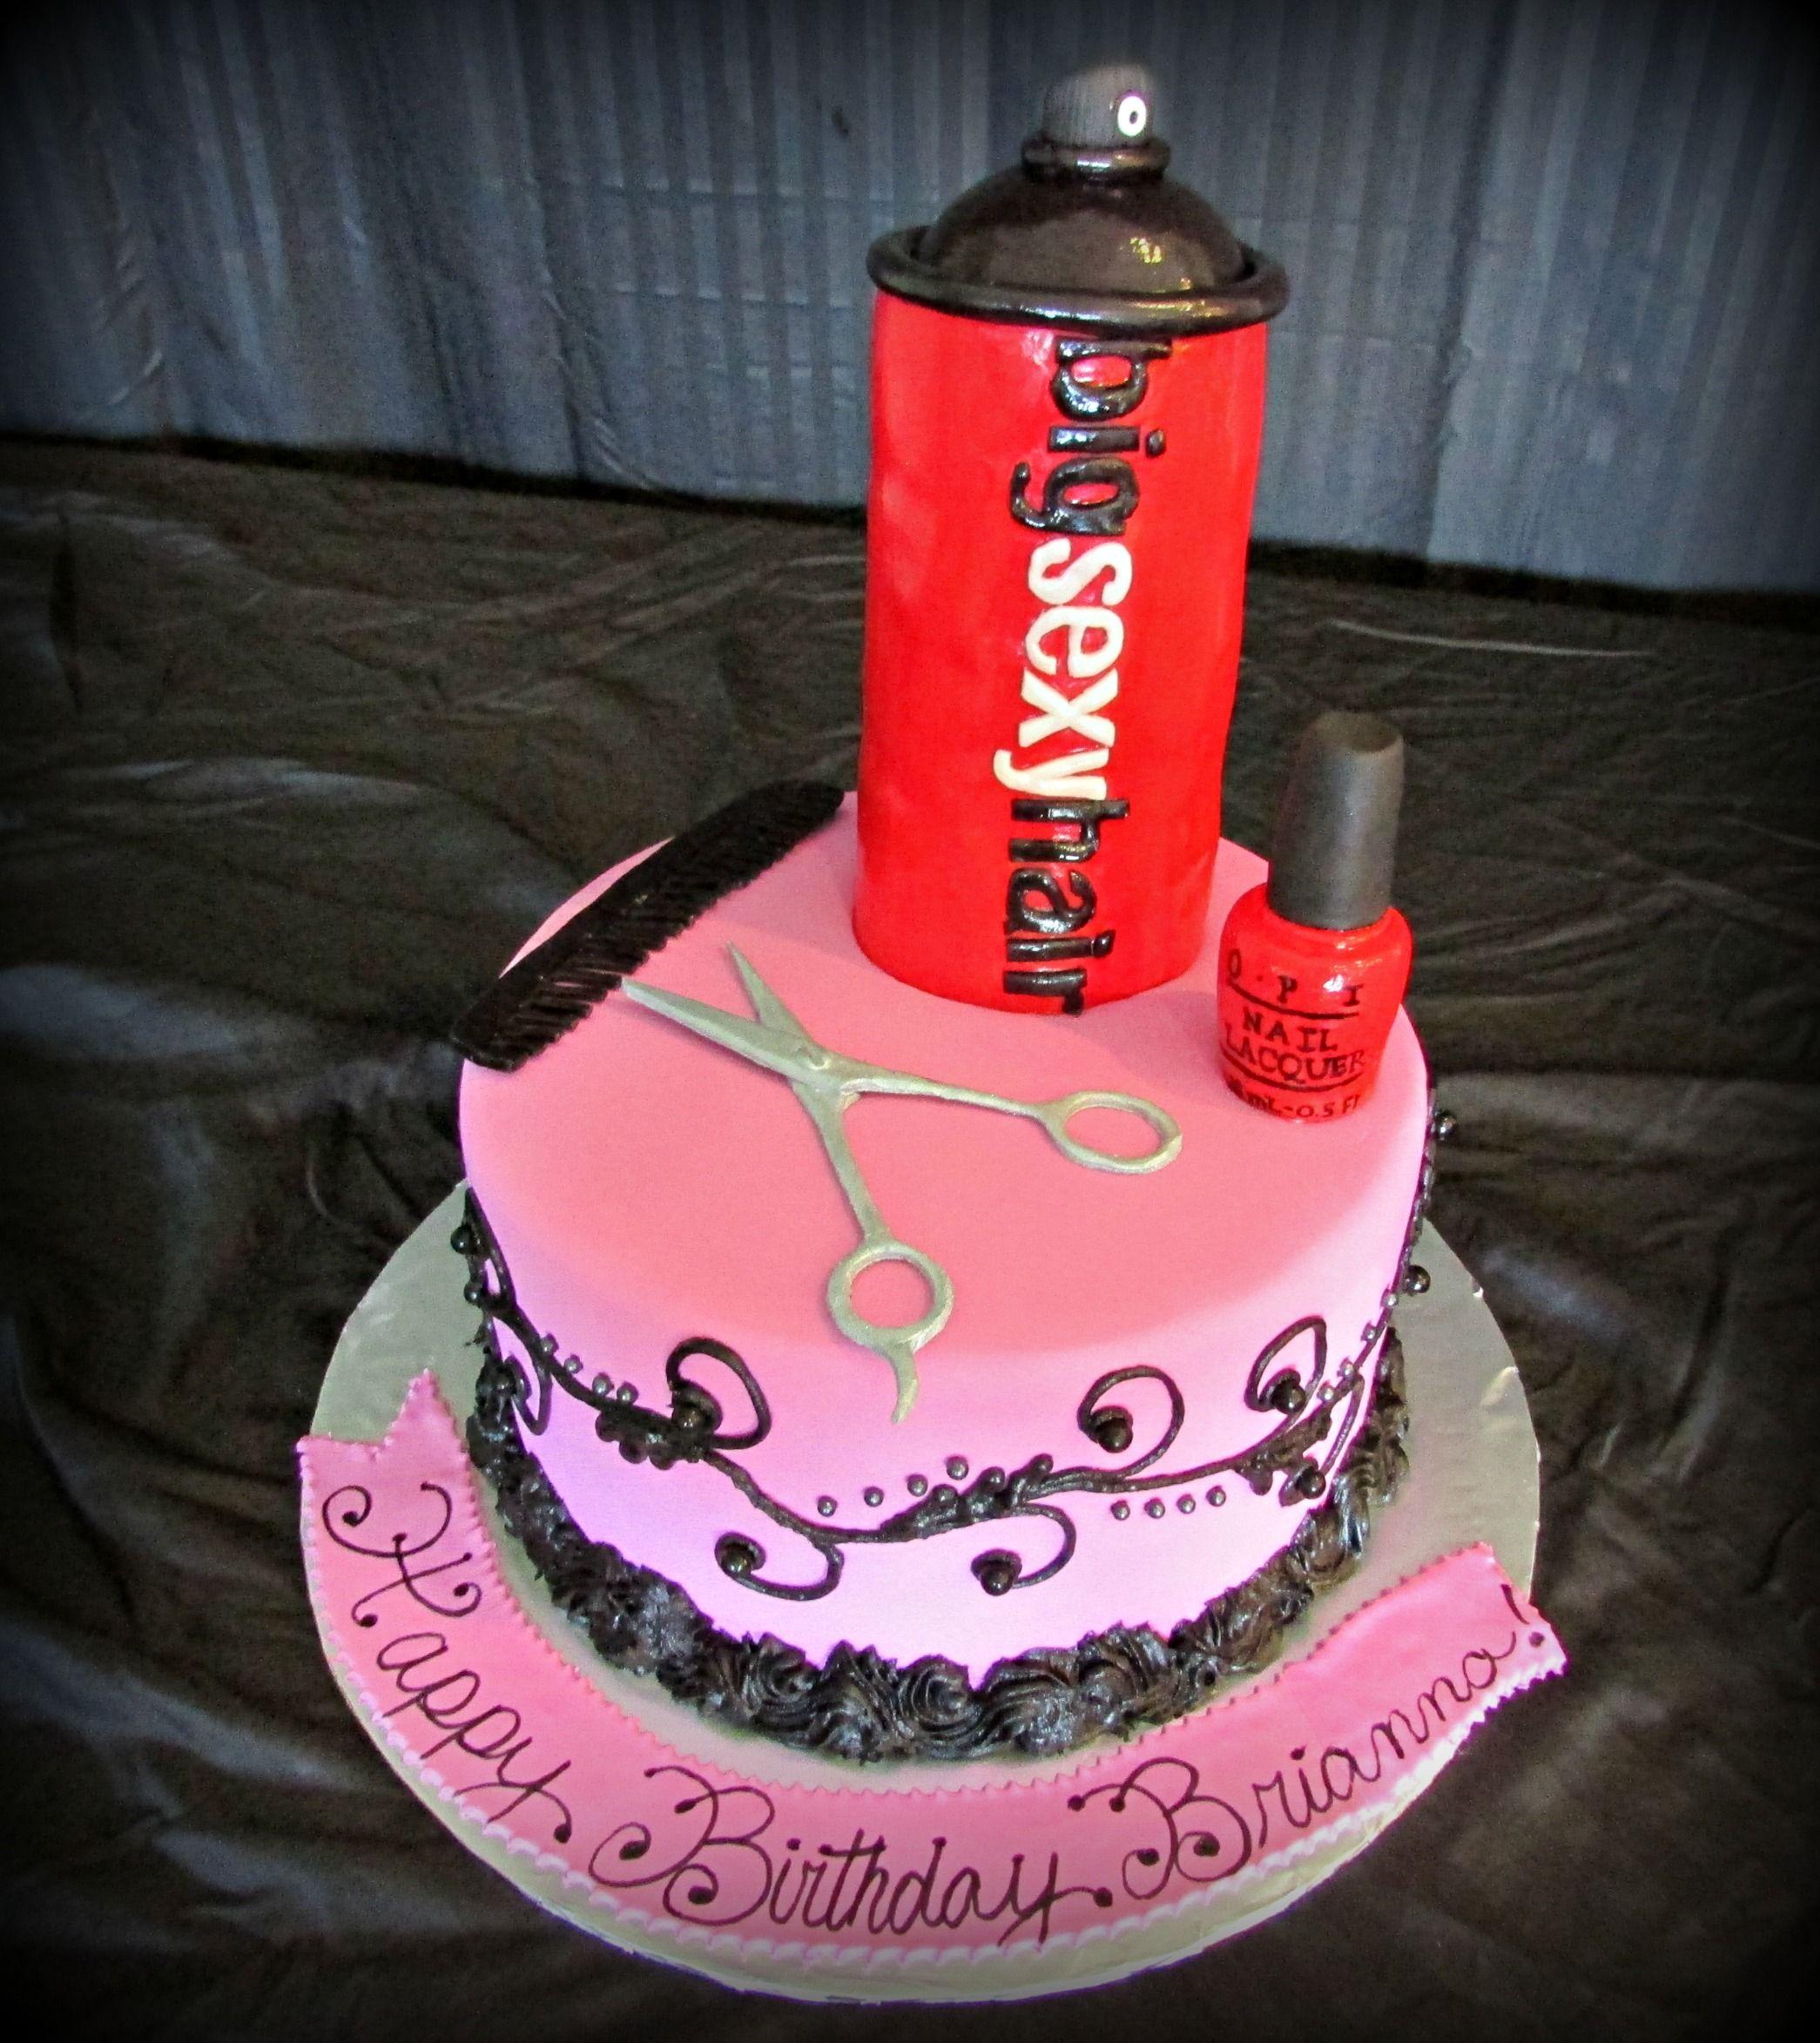 Birthday Cake for a Hair Stylist eet